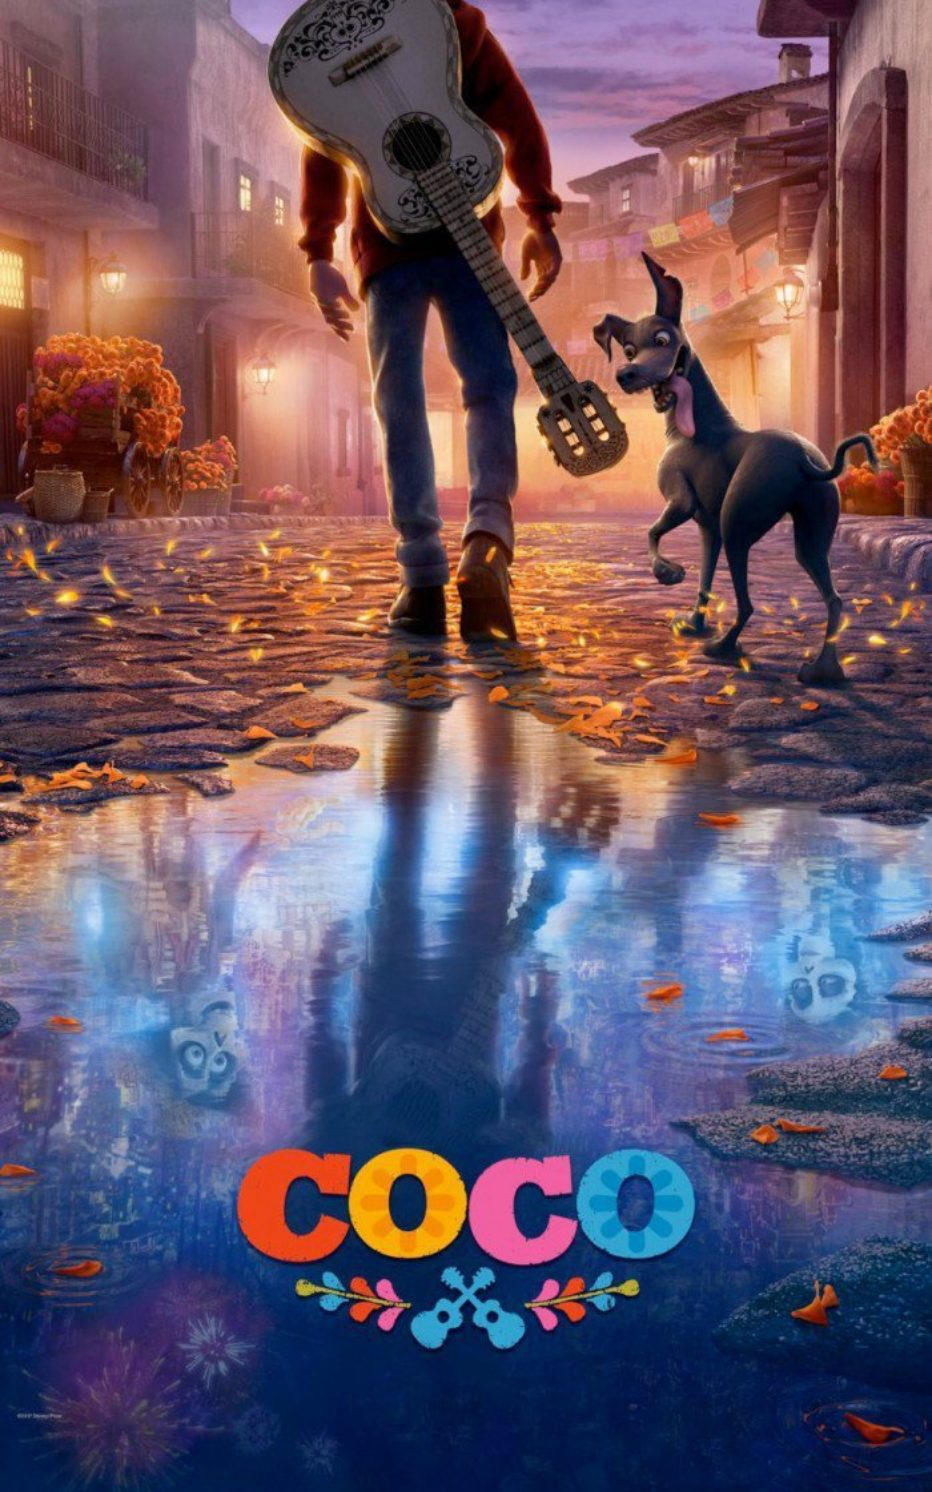 Nuevo tráiler de COCO, de Pixar